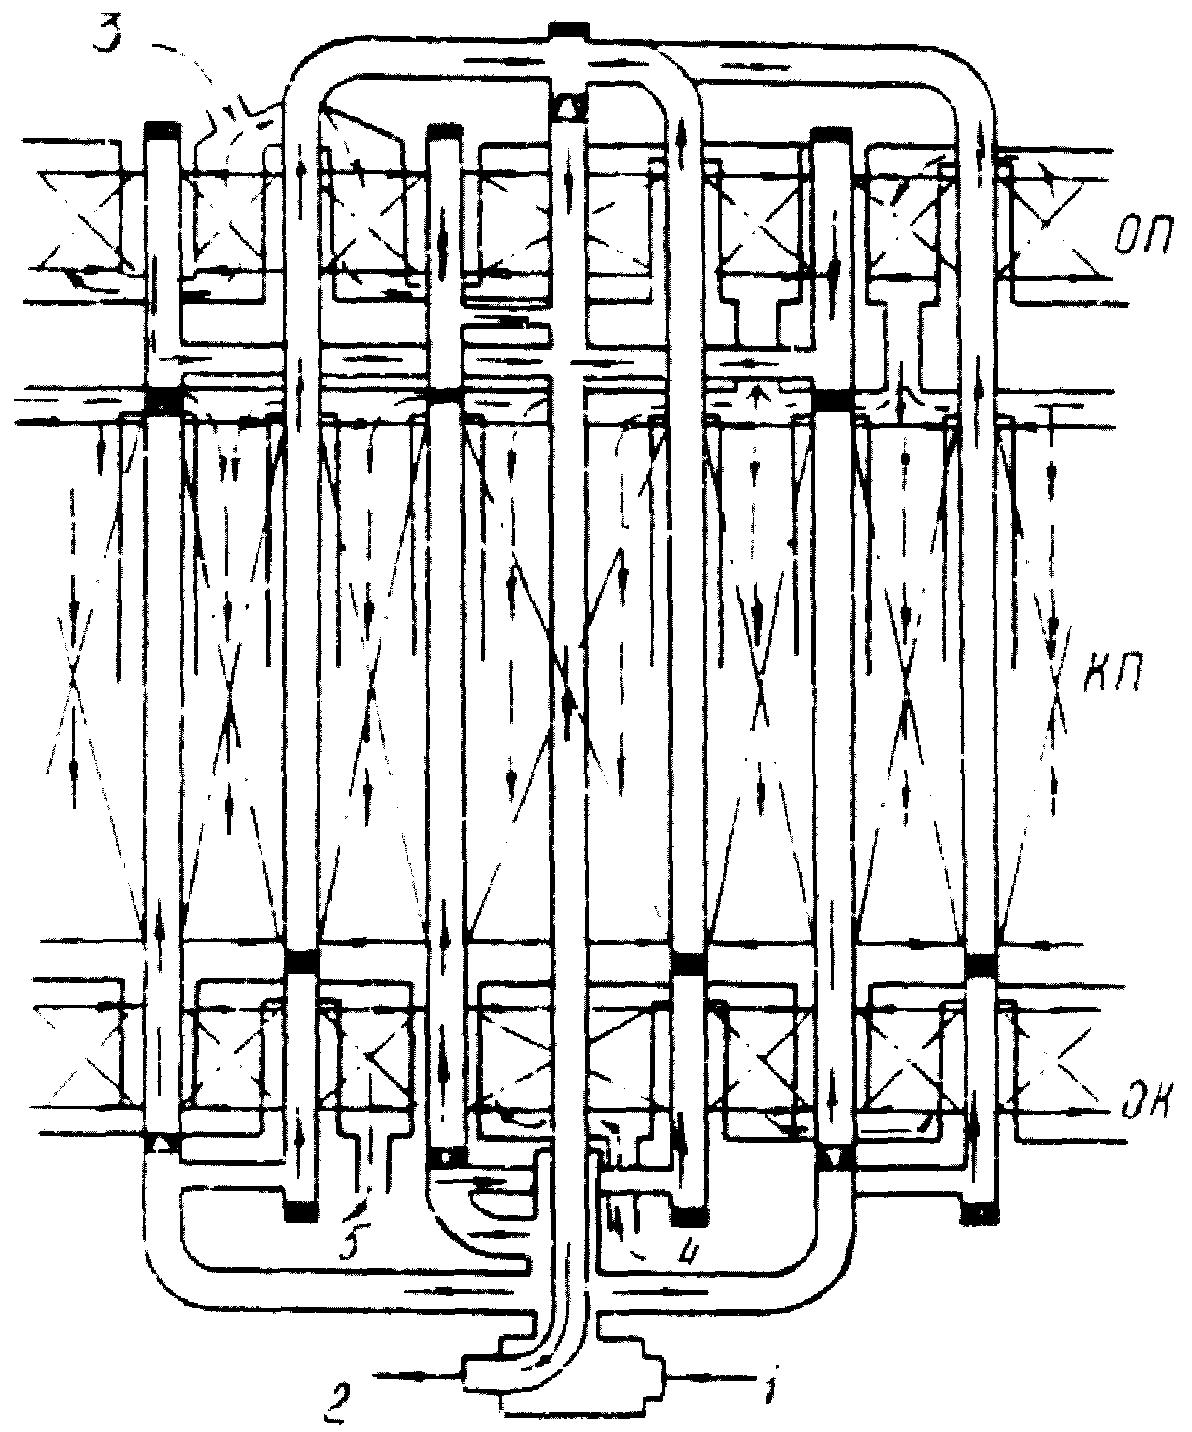 Подогреватель высокого давления ПВД-650-23-5,0 Новосибирск Пластины теплообменника Sondex S16 Балаково